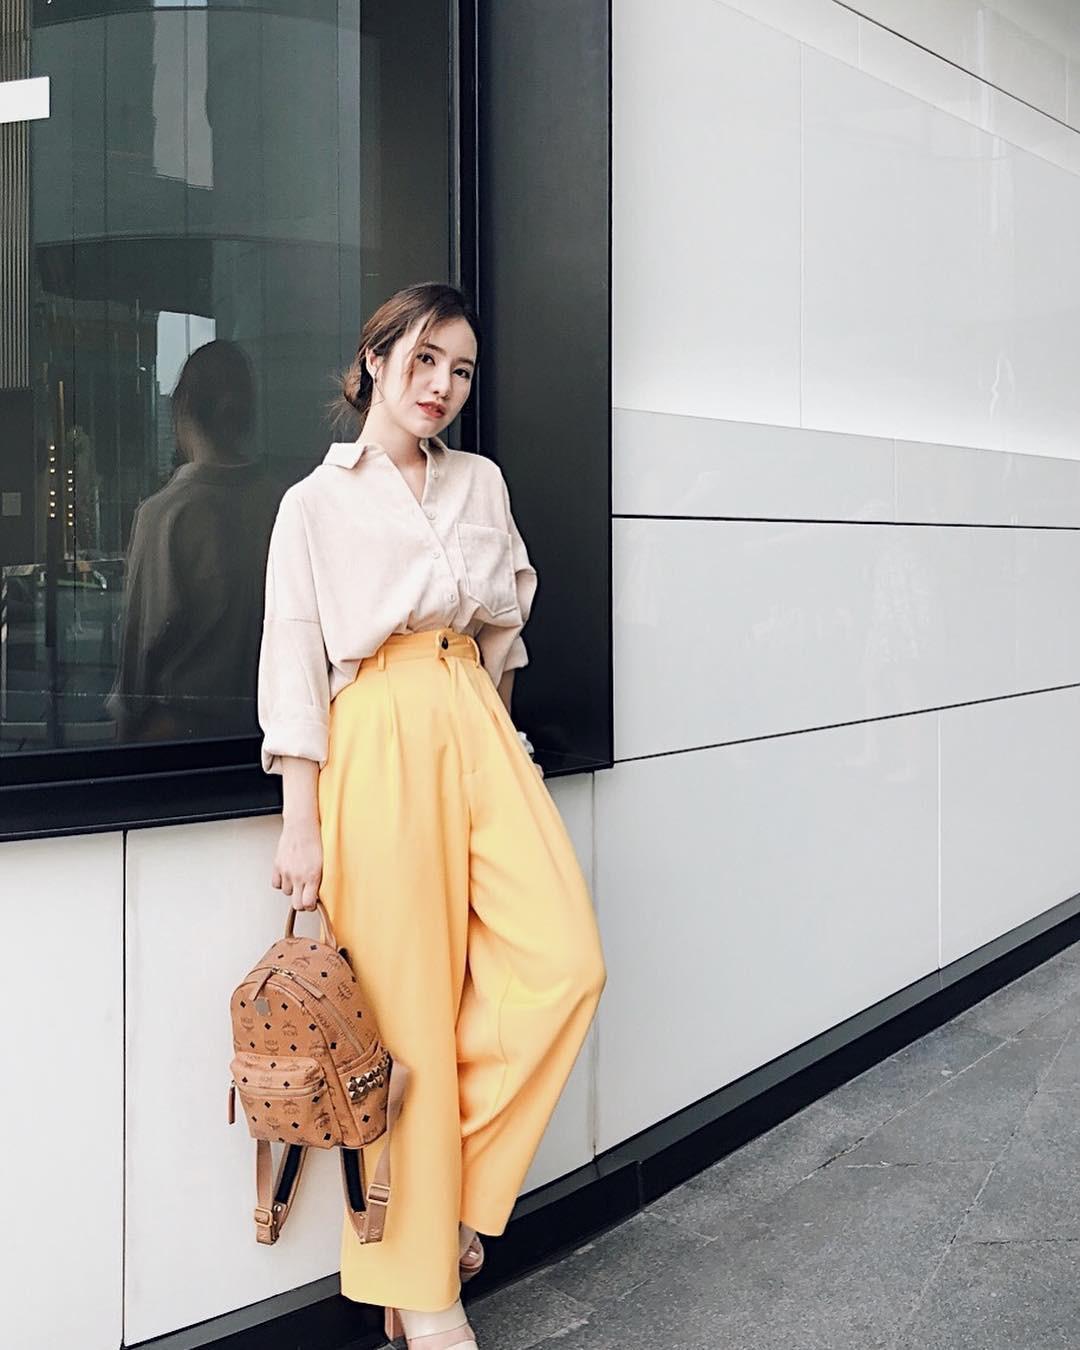 4 công thức diện đồ kinh điển nhưng không hề nhàm chán giúp các nàng công sở mặc đẹp suốt cả mùa thu năm nay - Ảnh 1